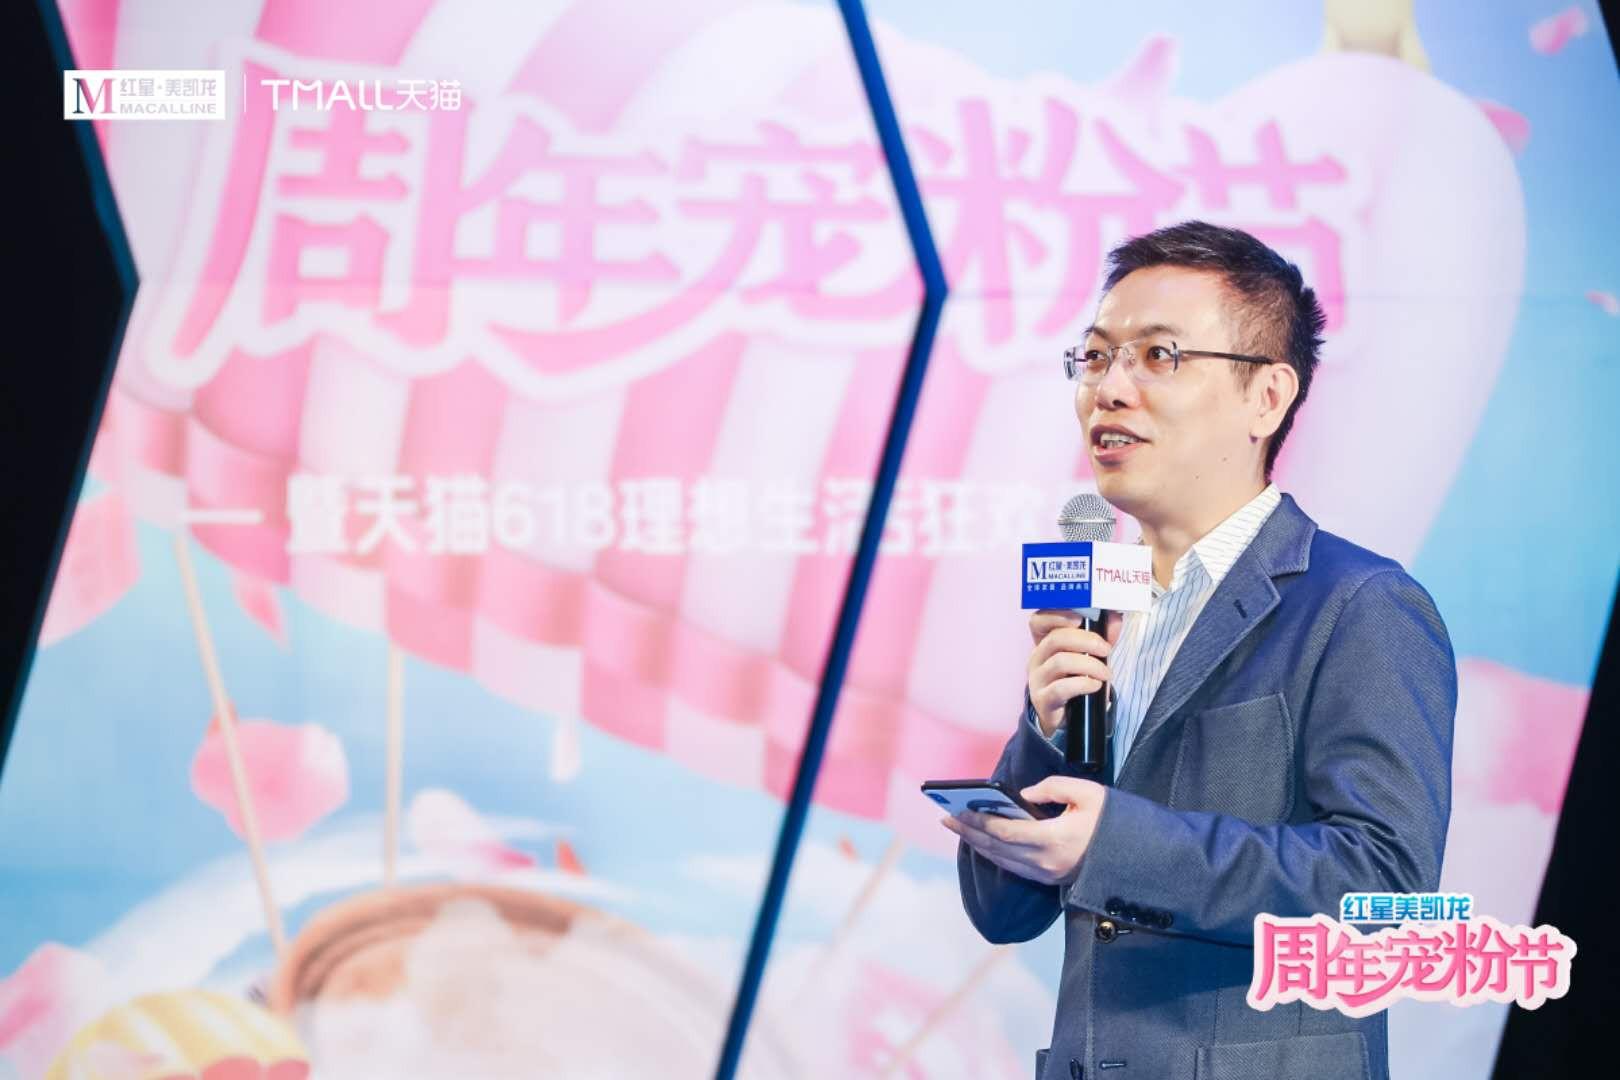 阿里媽媽客戶營銷中心總經理兼天貓內容中心總經理王俊.jpg